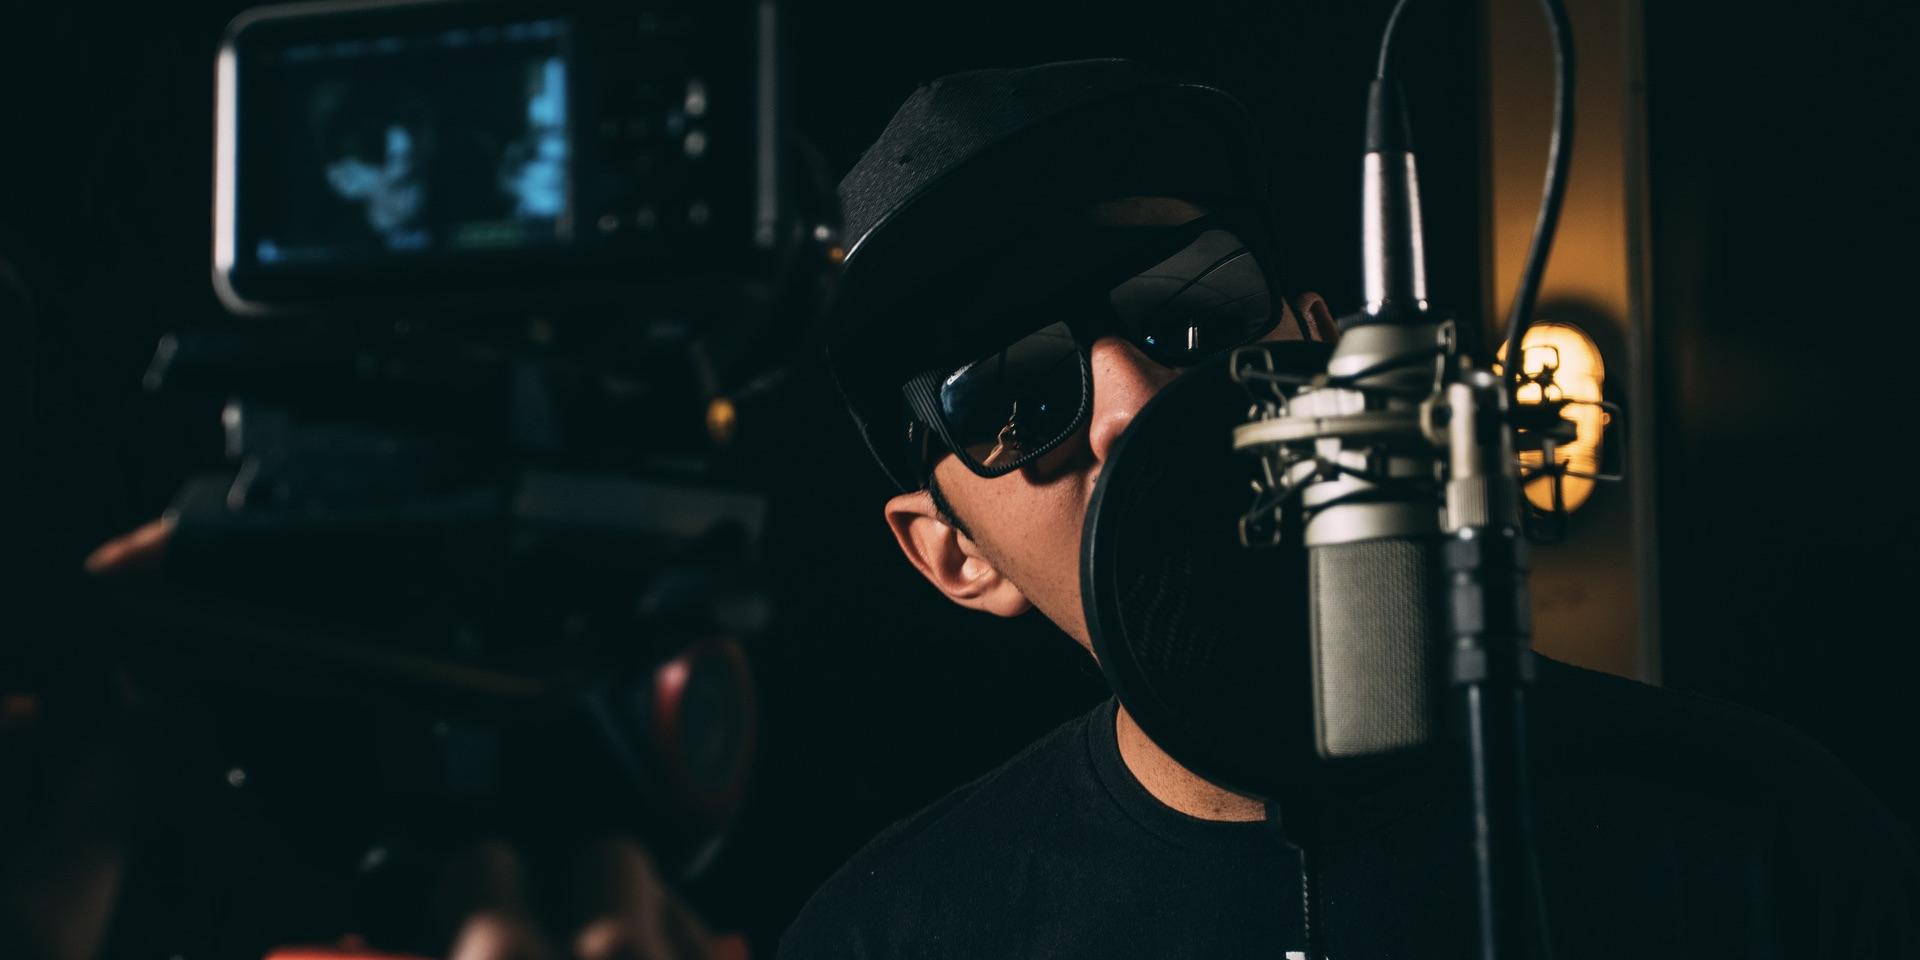 Warum hat sich Rap während der letzten Jahre zu einem der beliebtesten Musikstile unter Jugendlichen entwickelt?